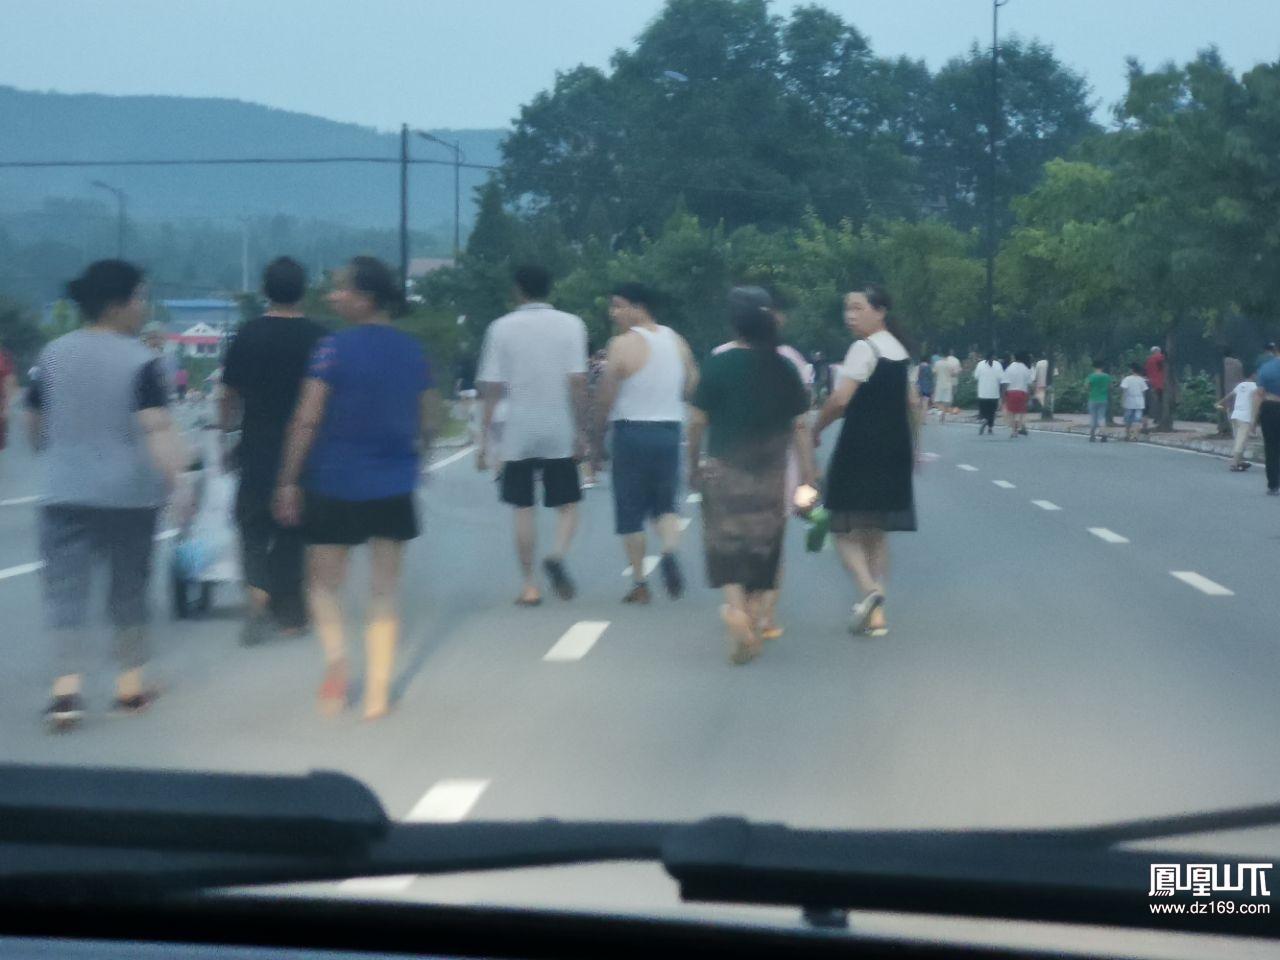 这绝对是达川区石桥镇的一大特色…… 饭后走一走是对